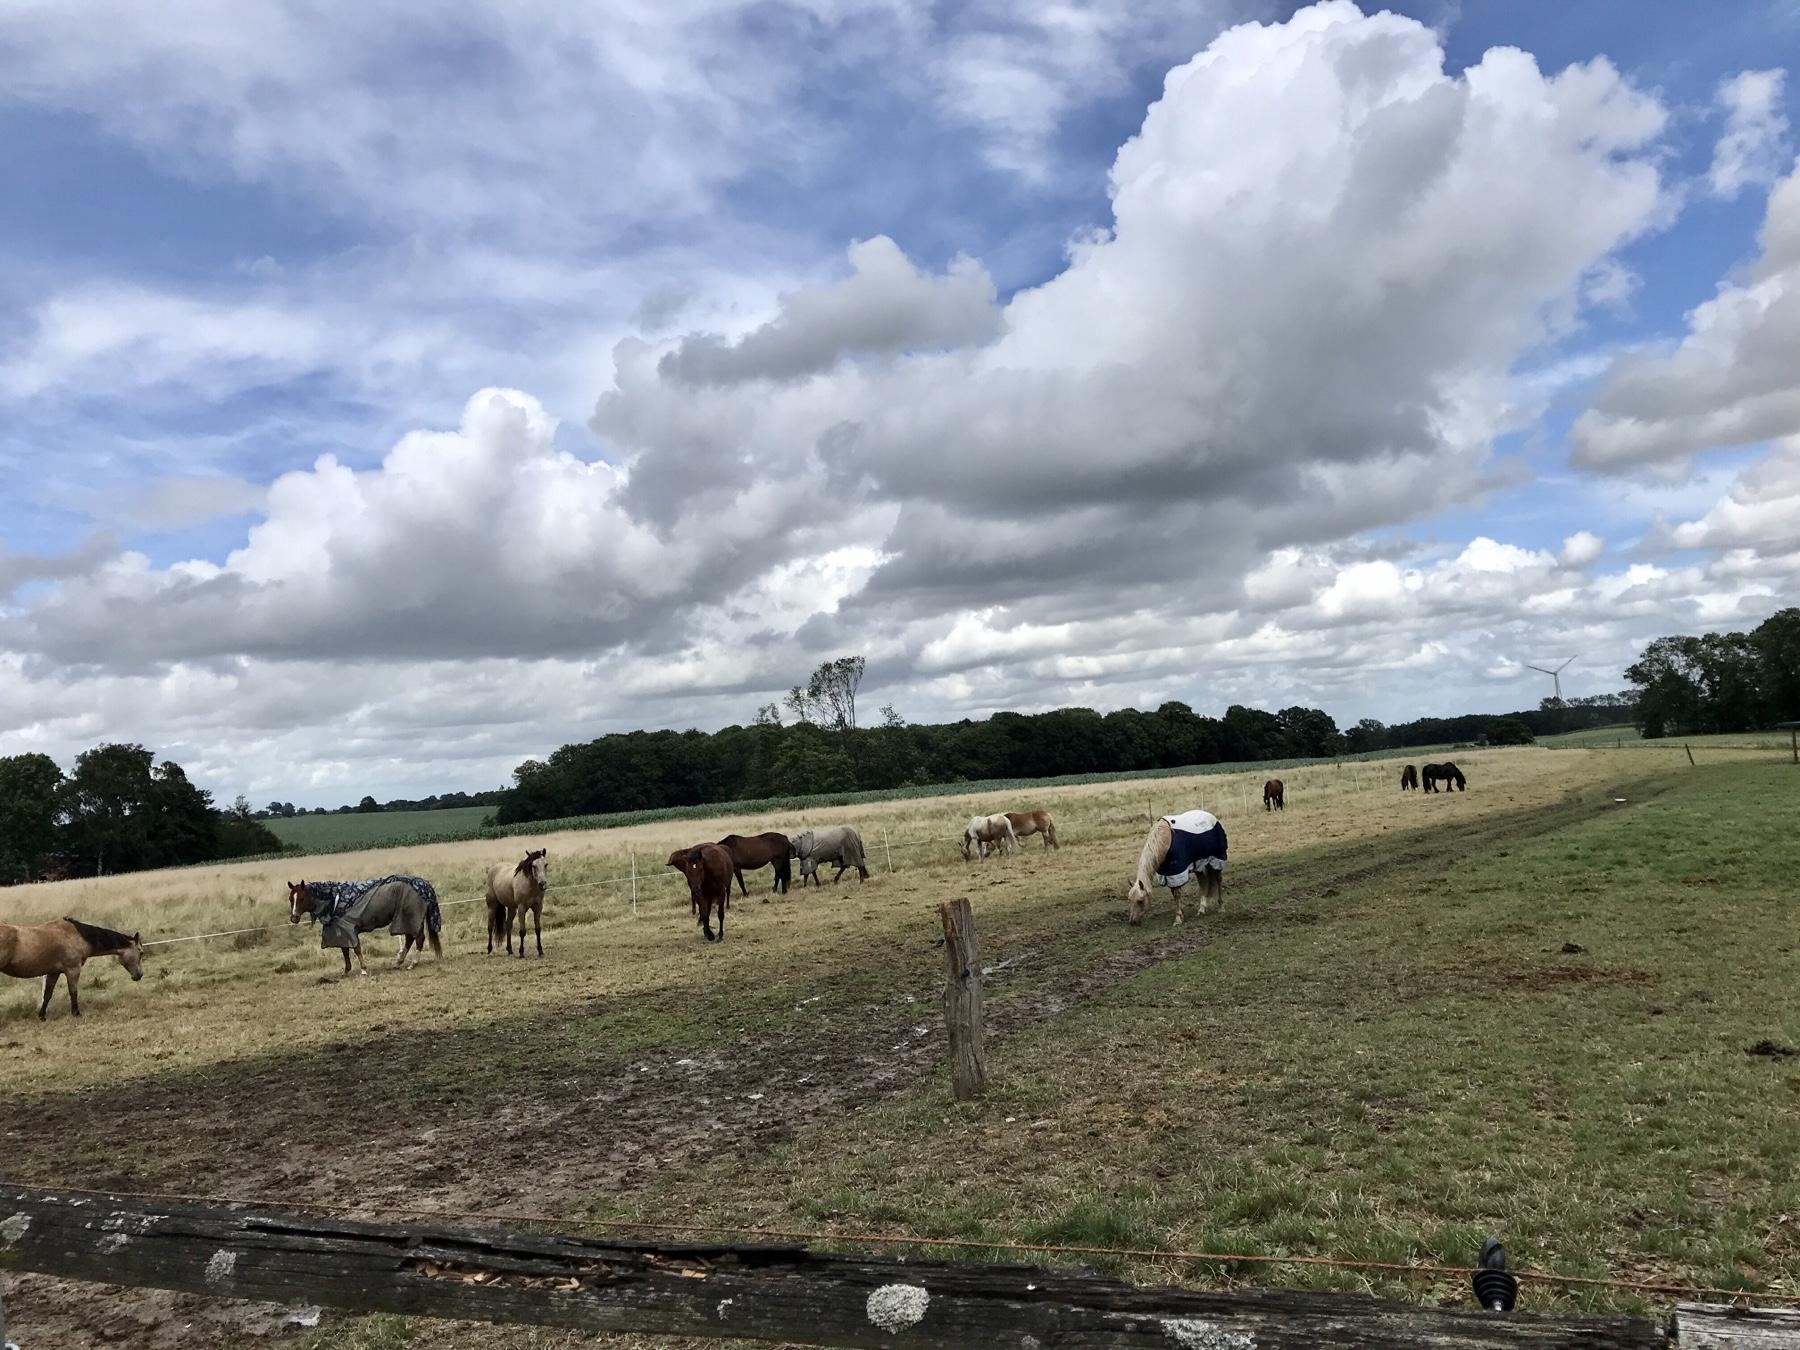 Pferdeweide hinter Grabau auf dem Weg nach Nütschau, Stormarnweg